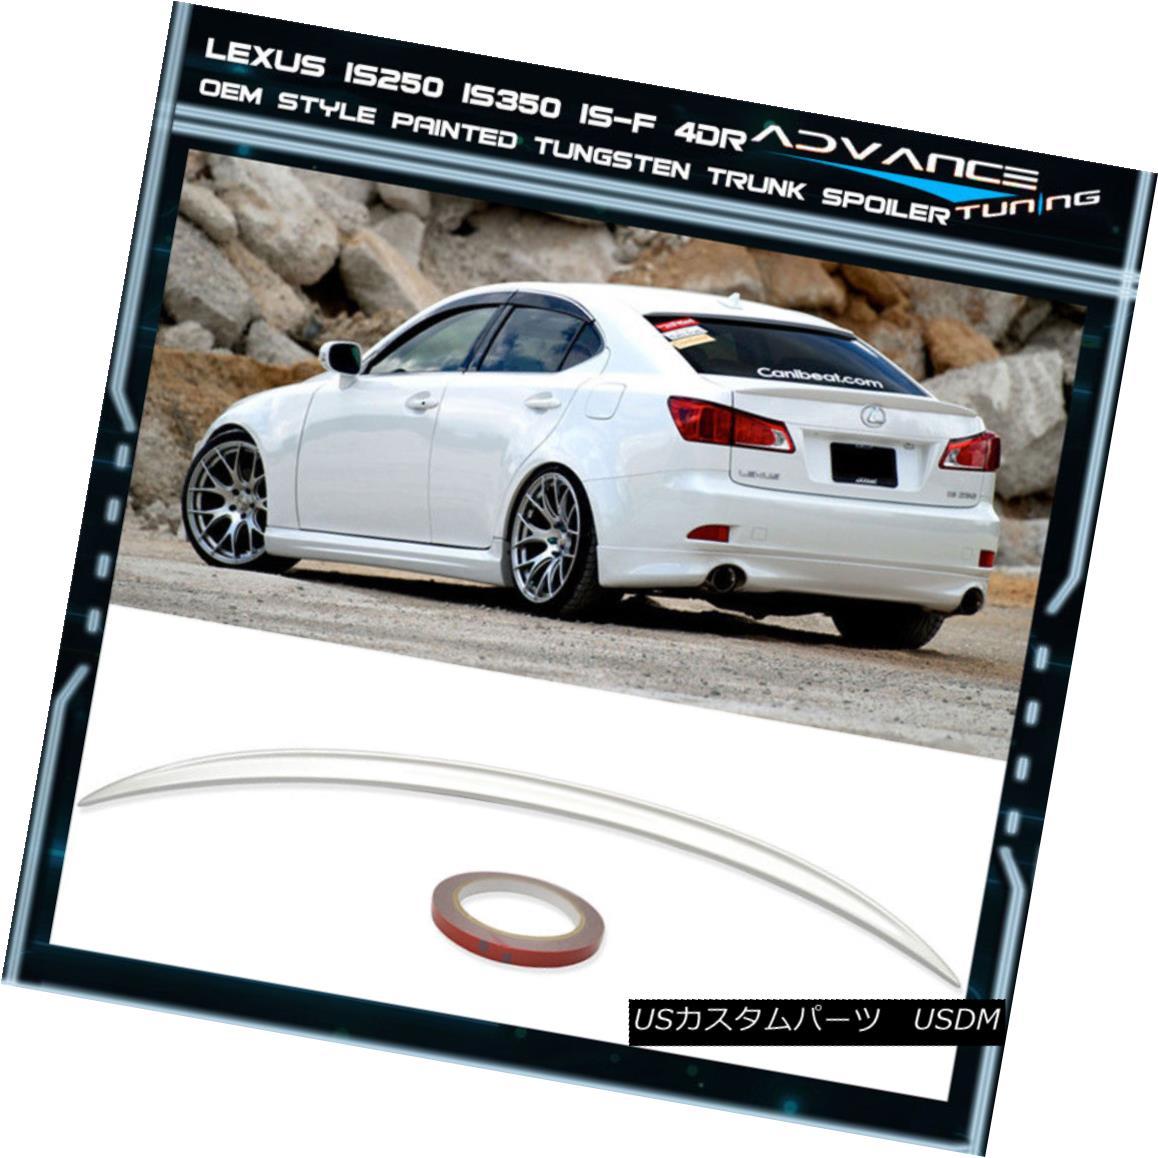 エアロパーツ Fits 06-13 IS250 350 4Dr OE Style Trunk Spoiler ABS Painted Color # 1G1 Tungsten フィット06-13 IS250 350 4Dr OEスタイルトランクスポイラーABS塗装カラー#1G1タングステン